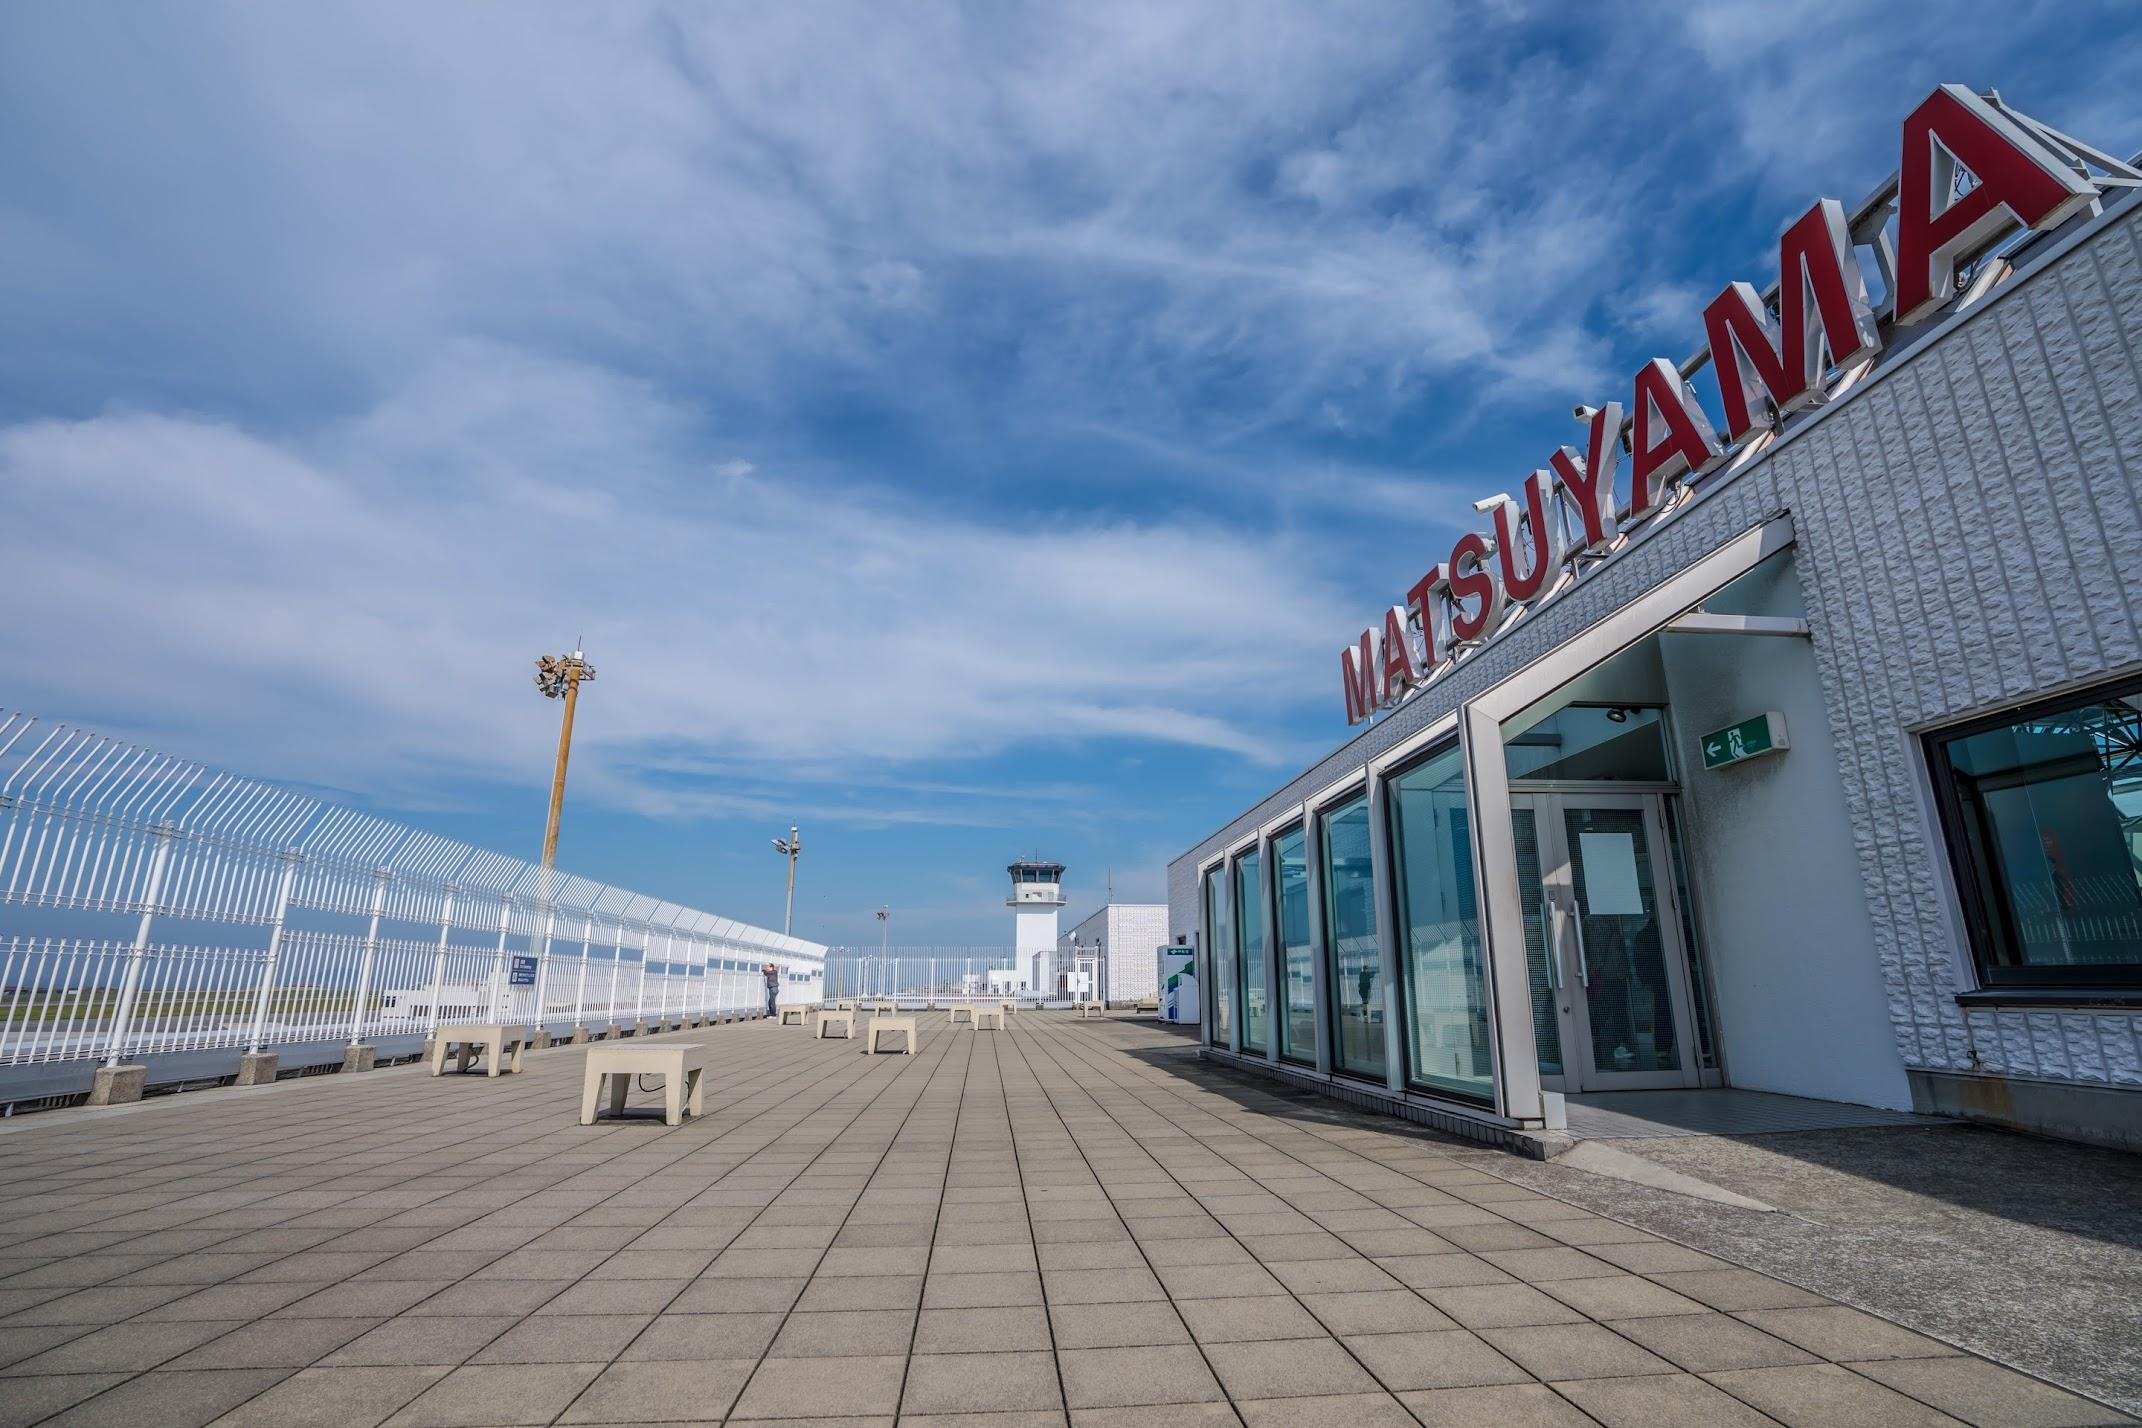 Matsuyama Airport Observation deck2